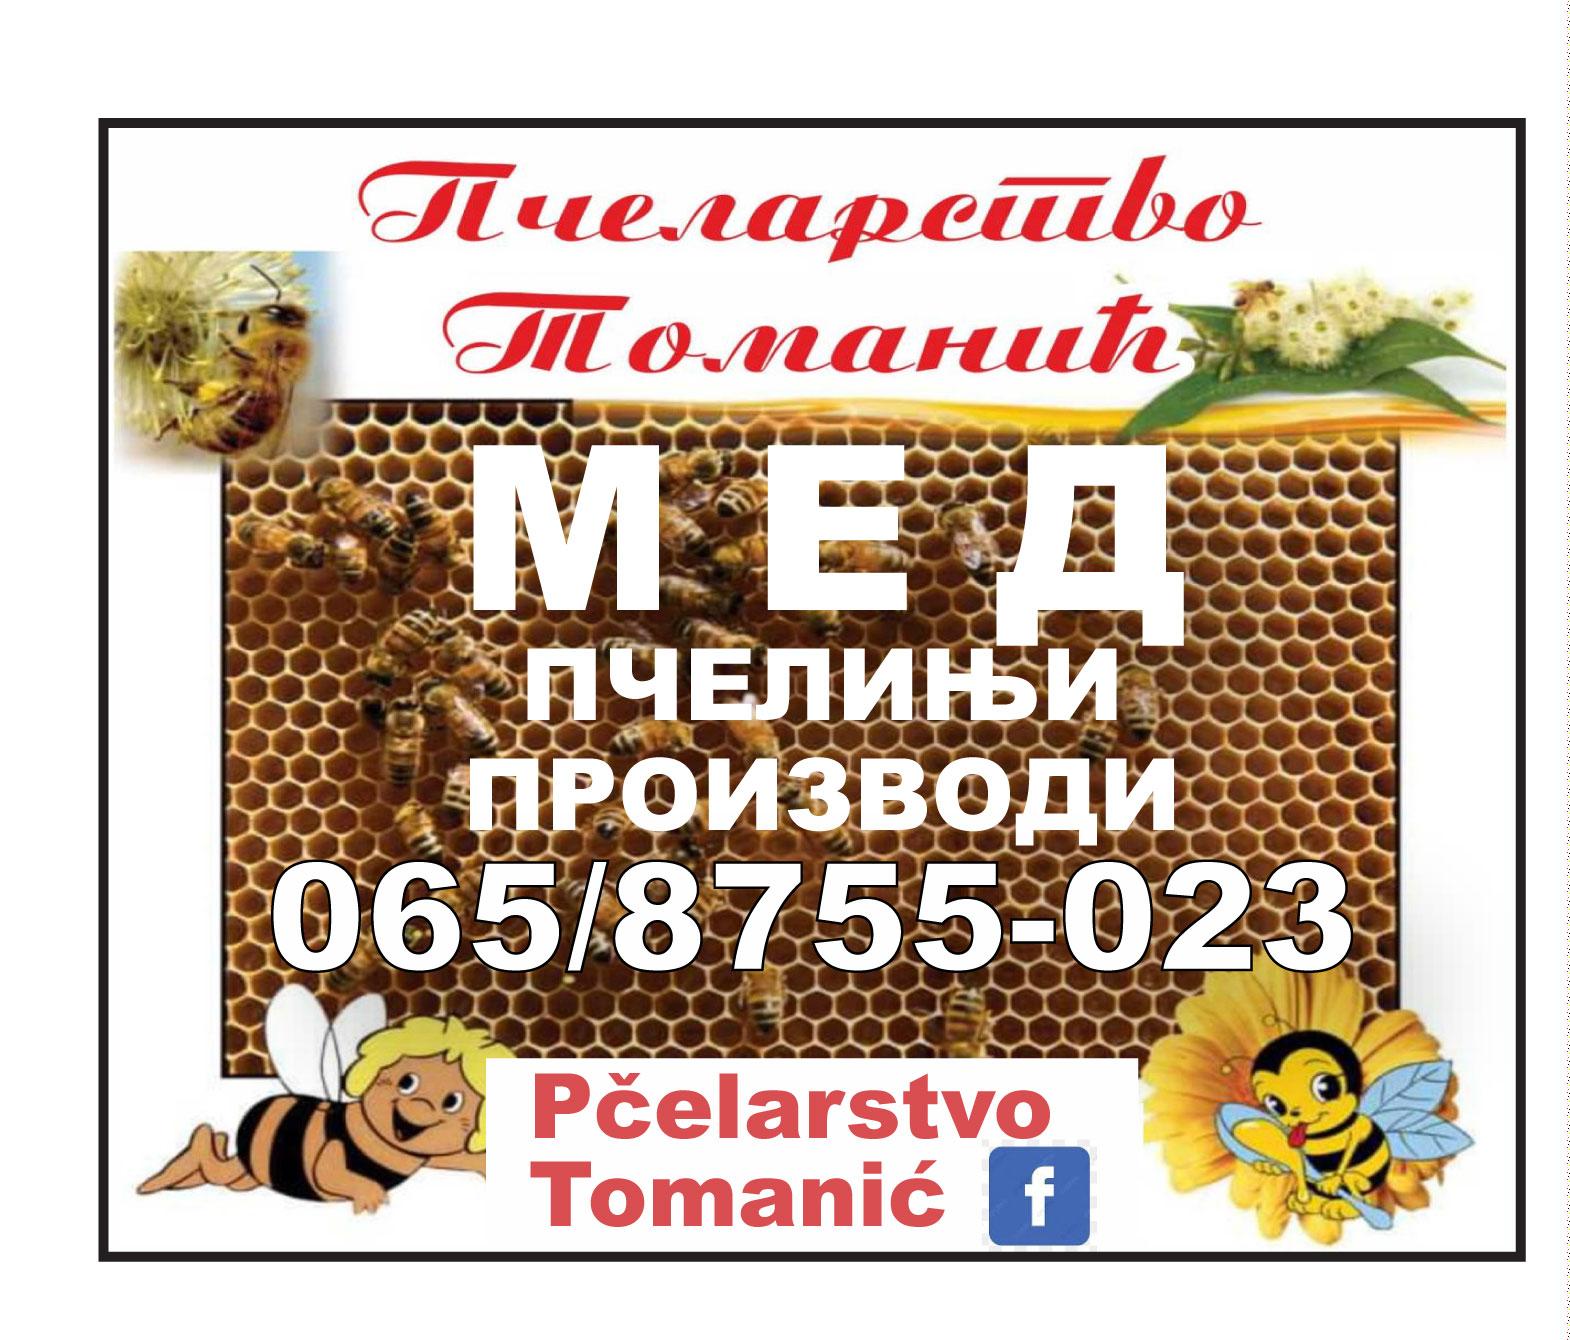 Pcelarstvo-Tomanic-med-livadski-bagremov-sumskimed-propolis-polen-mlec-perga-imunitet-zdravlje-hrana-zdravi-domaci-honey-bee-products-serbia-beograd-dostava-mojabaza